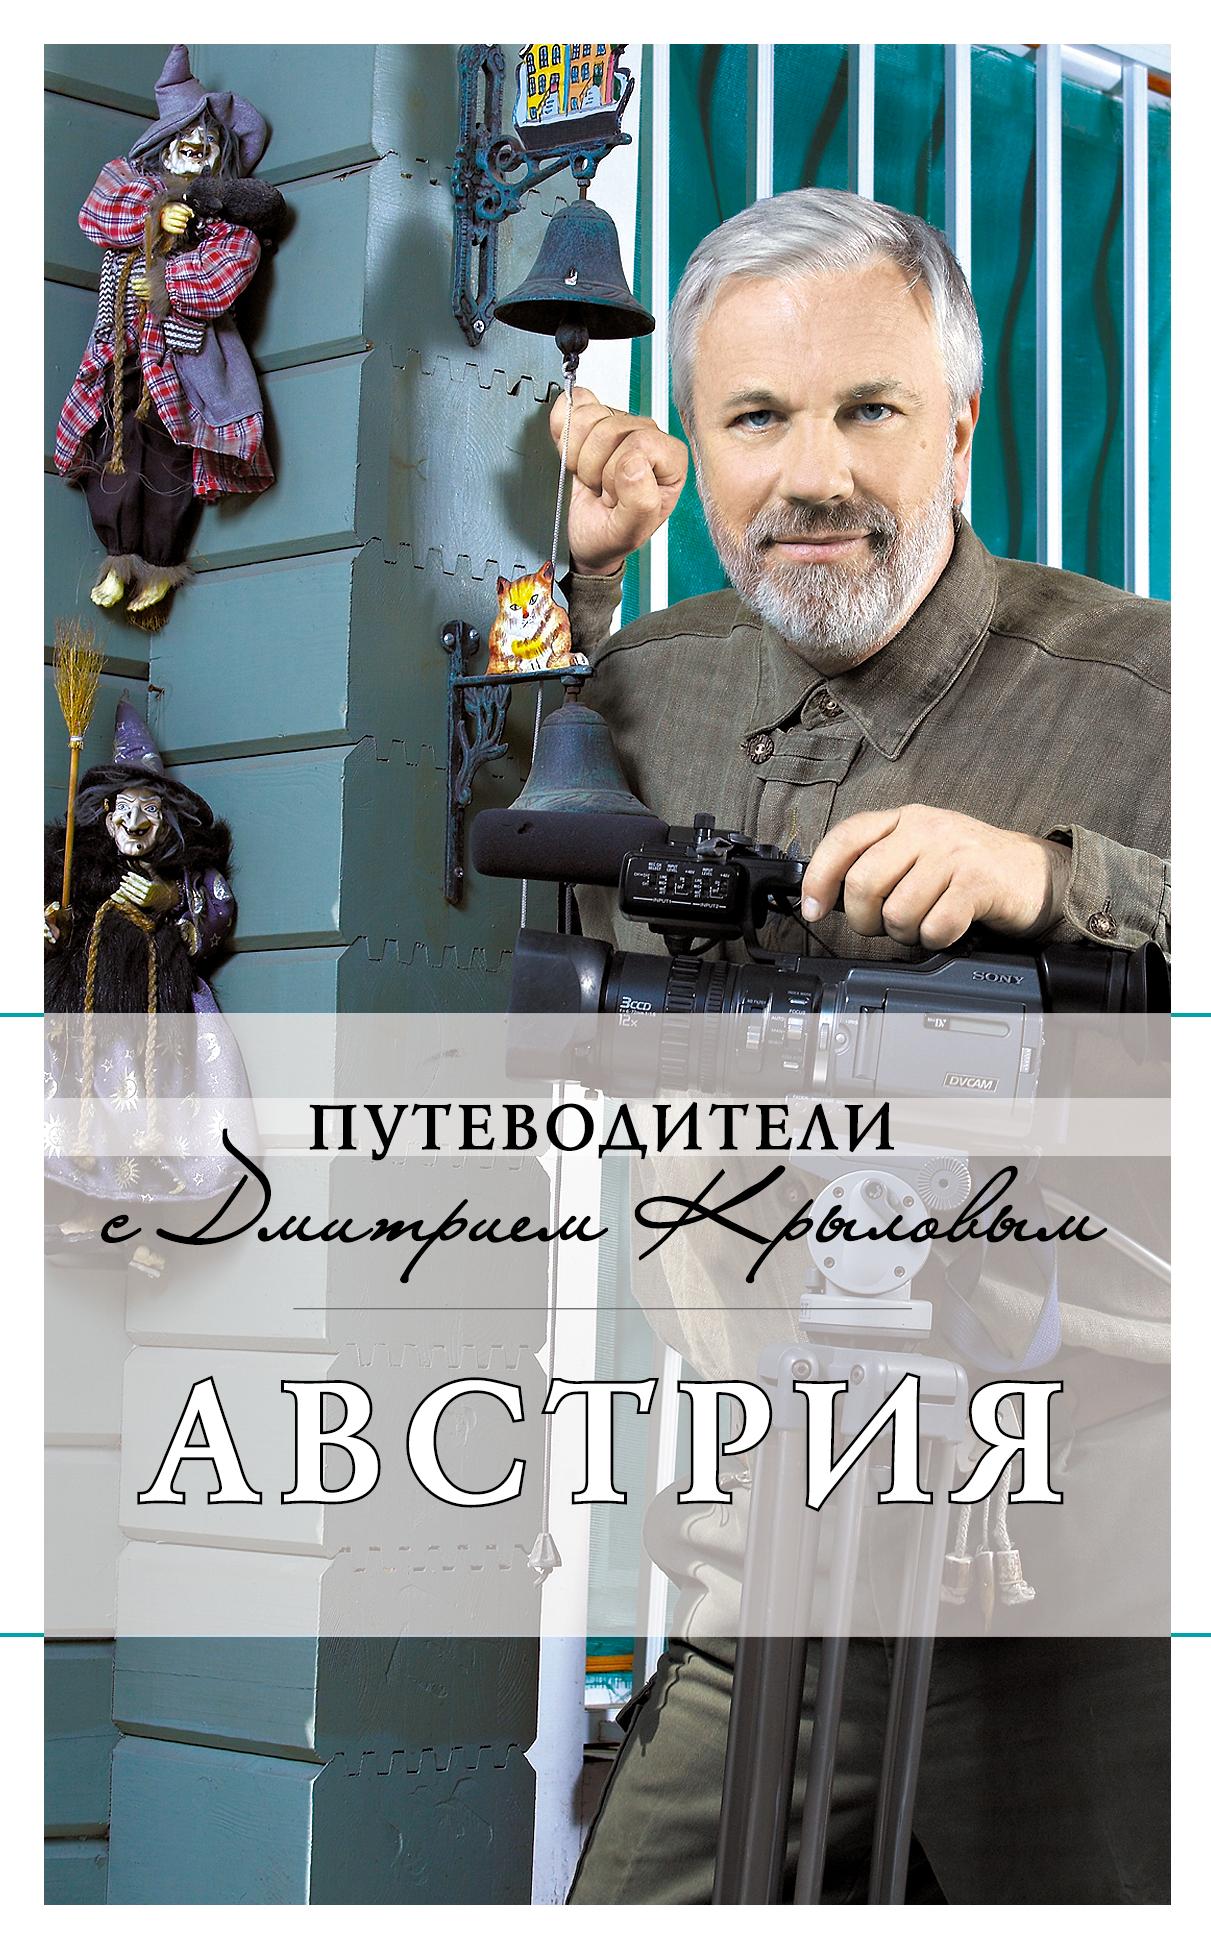 Крылов Д., Сушек И. Австрия: путеводитель. 2-е изд. (+DVD)